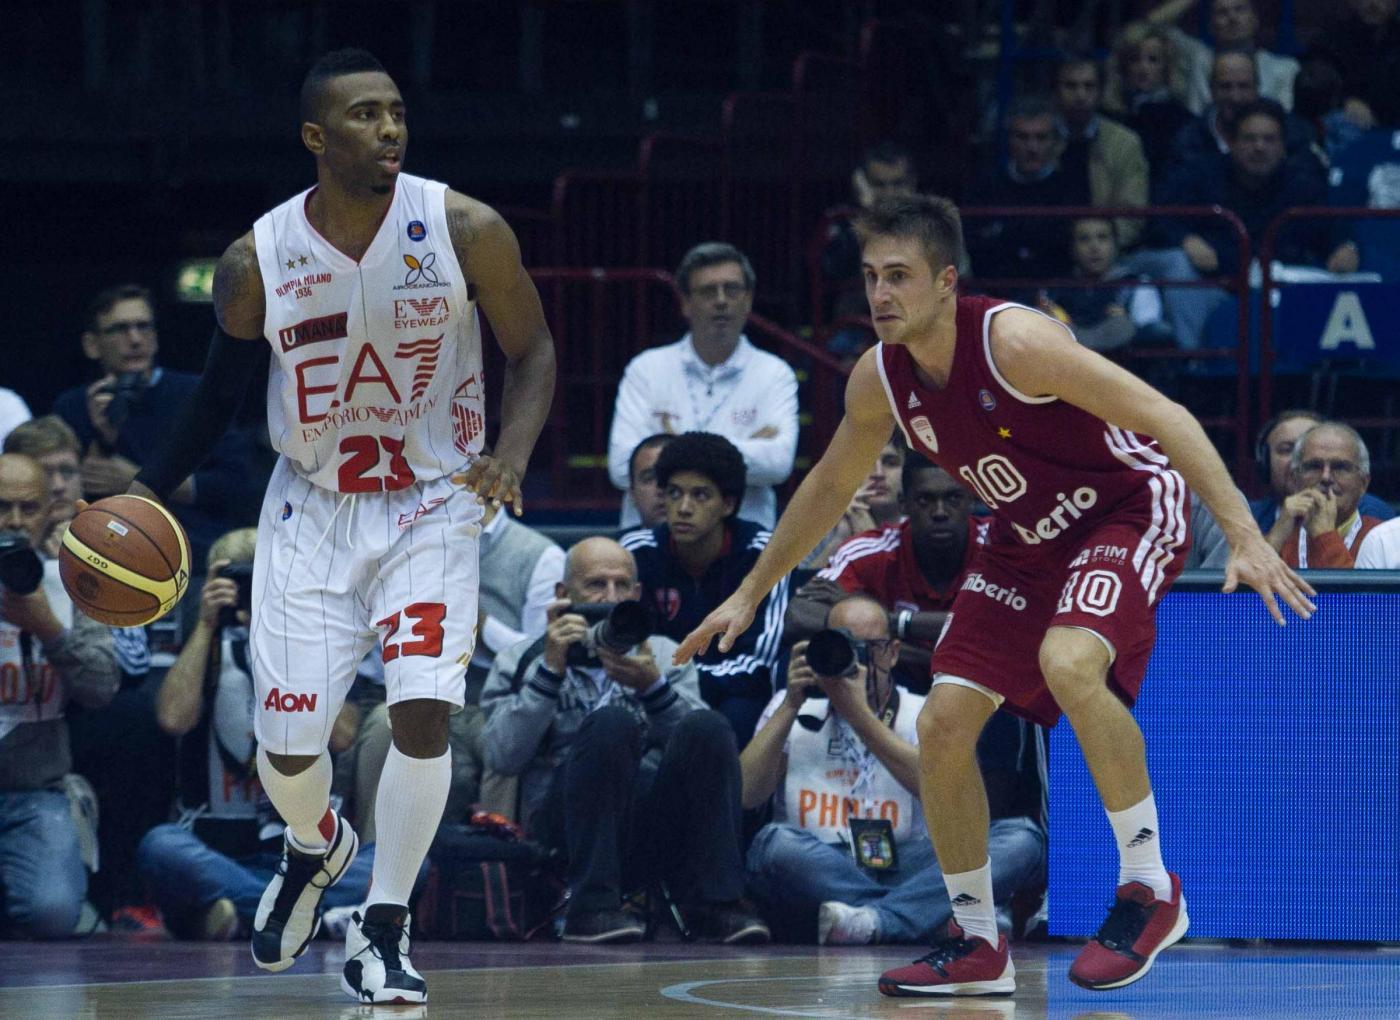 Serie A Basket domenica 17 dicembre